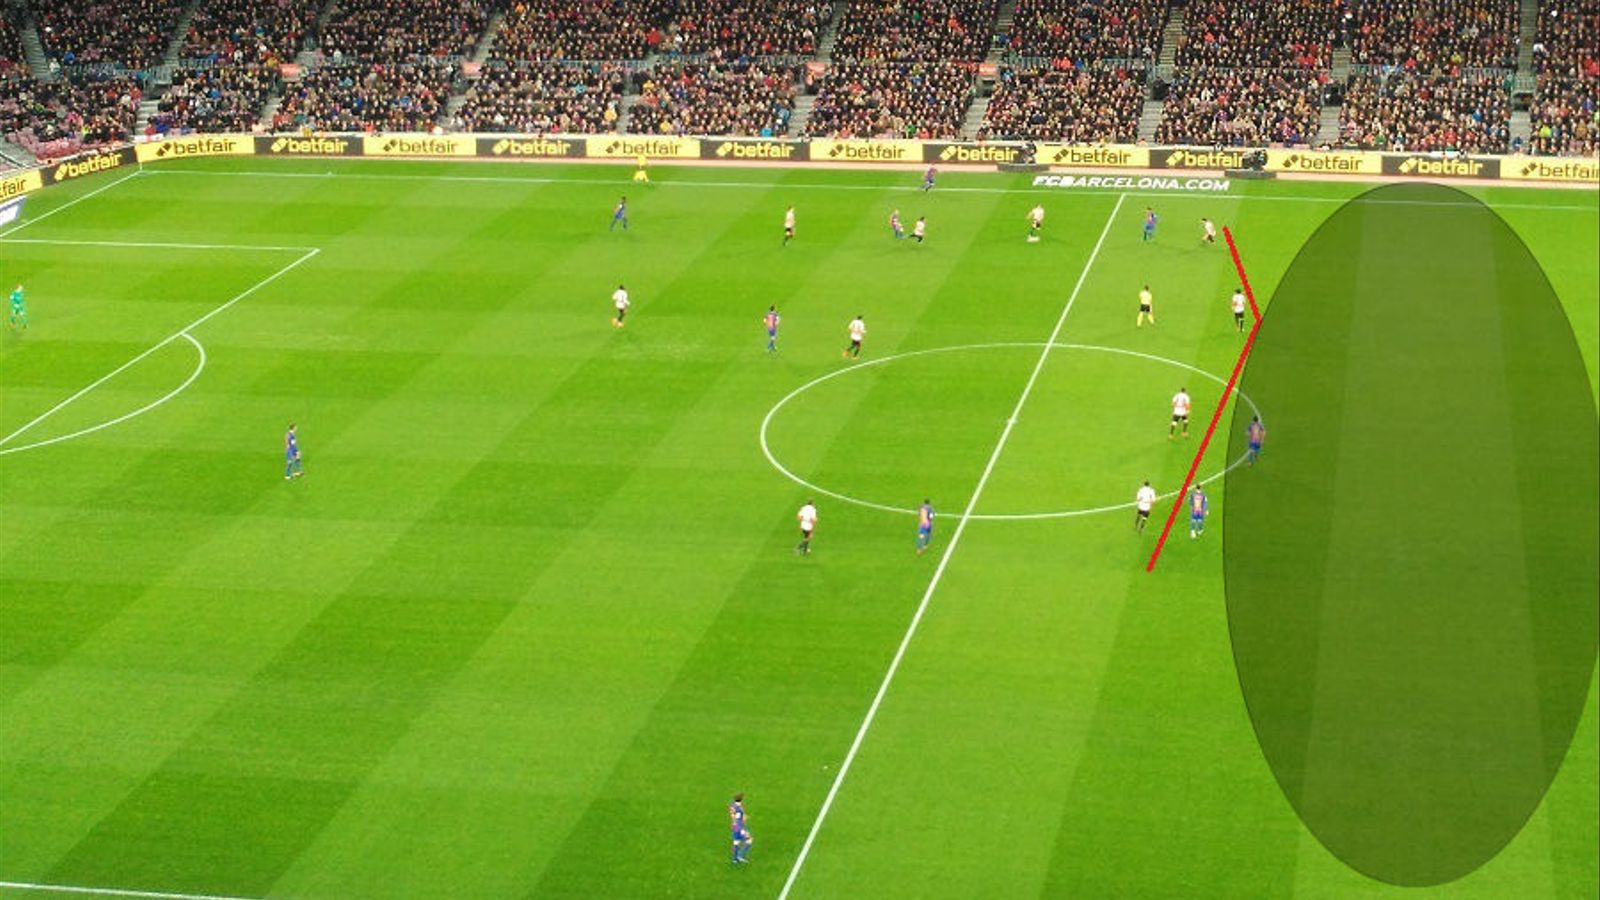 L'Athletic situa el bloc d'equip ben amunt